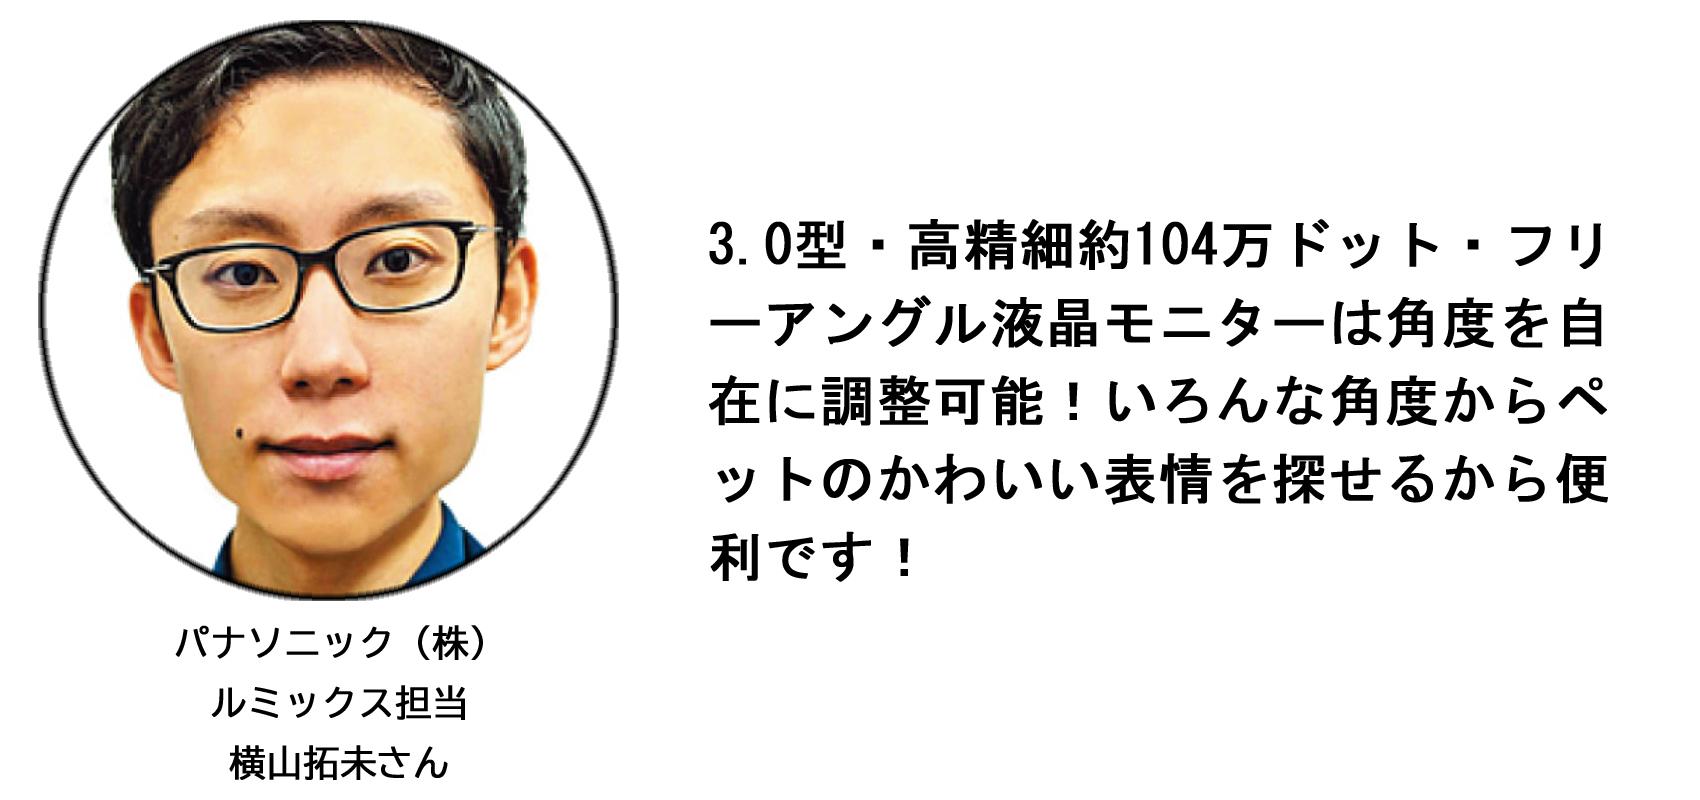 パナソニック(株) ルミックス担当 横山拓未さん